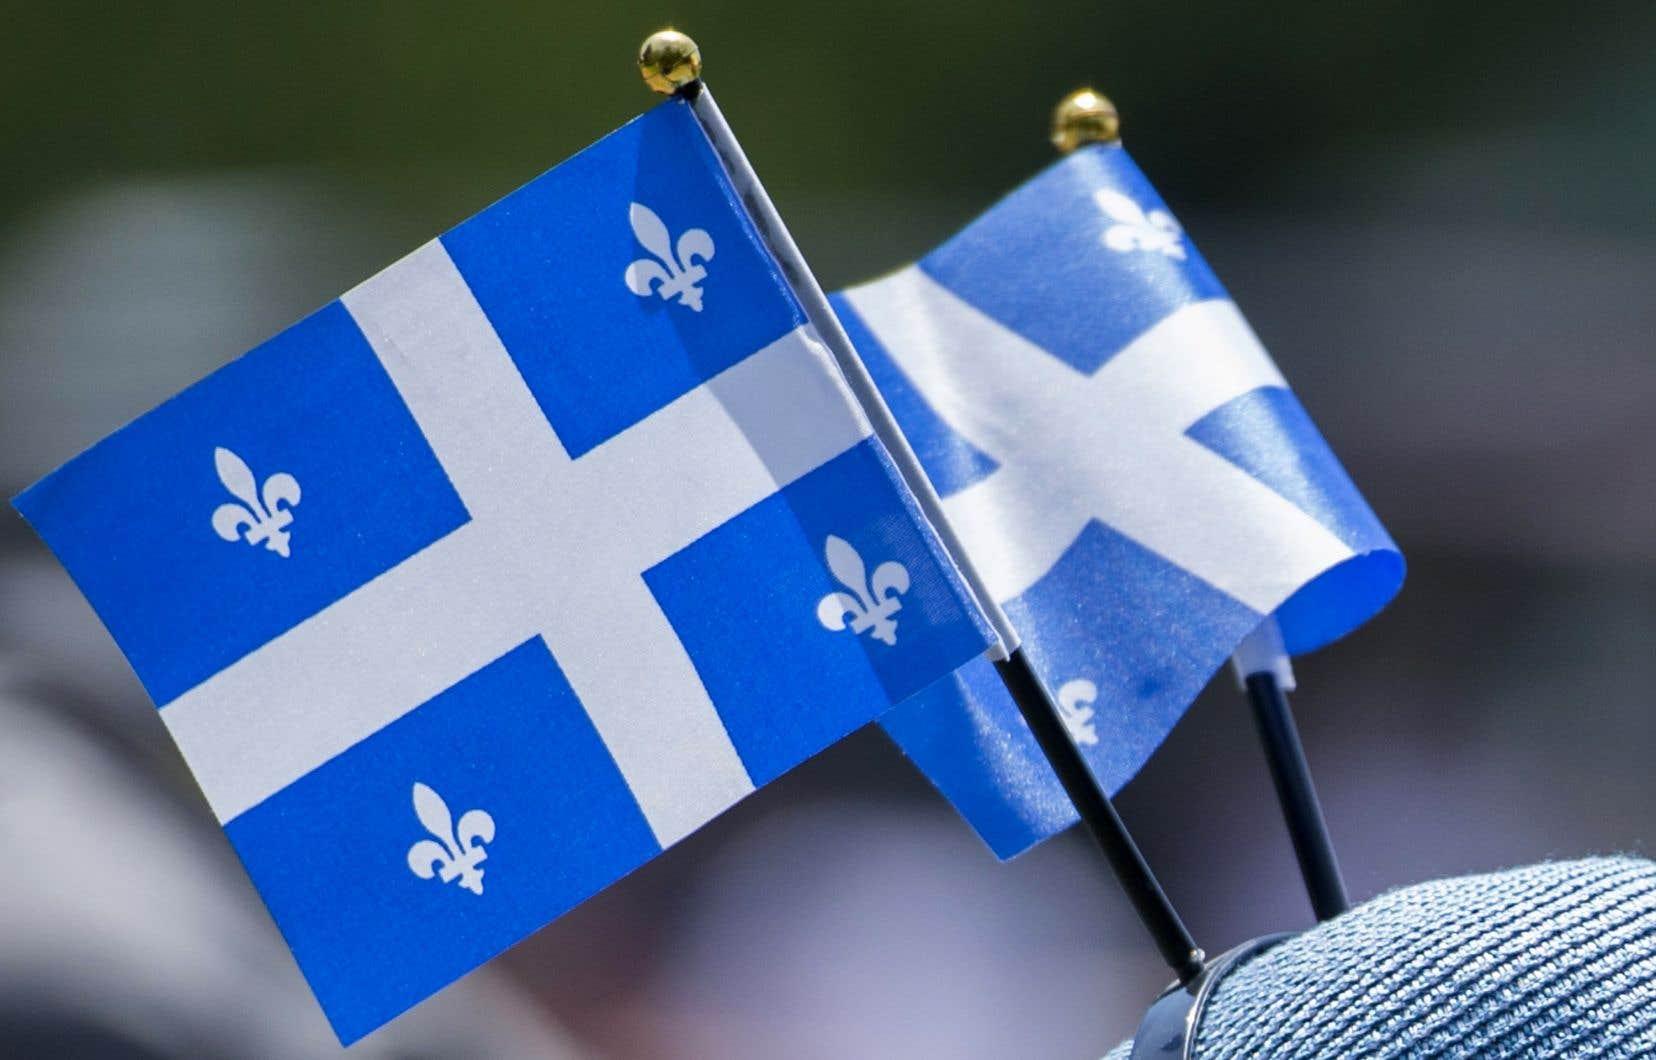 Sous le thème «Vivre le Québec tissé serré», le Grand spectacle de la Fête nationale rassemblera plus de 200 artistes et personnalités.